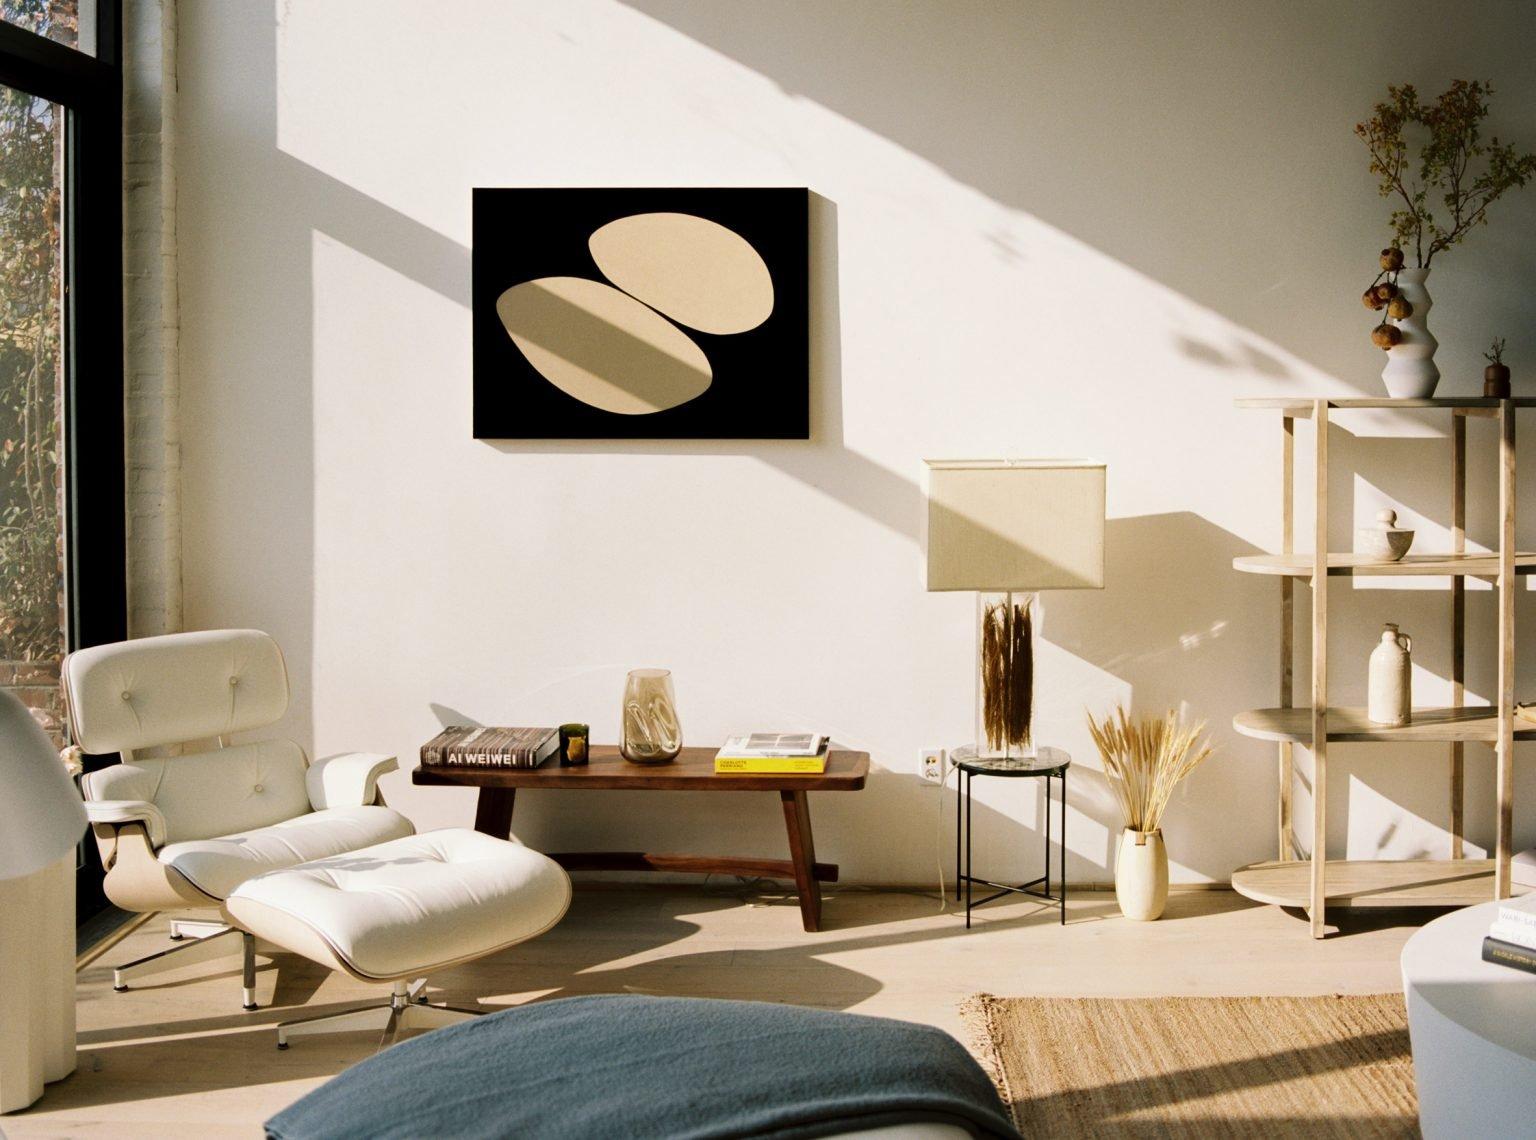 Những thiết kế phòng khách trang nhã, tinh tế lấy cảm hứng từ phong cách Nhật - Ảnh 4.